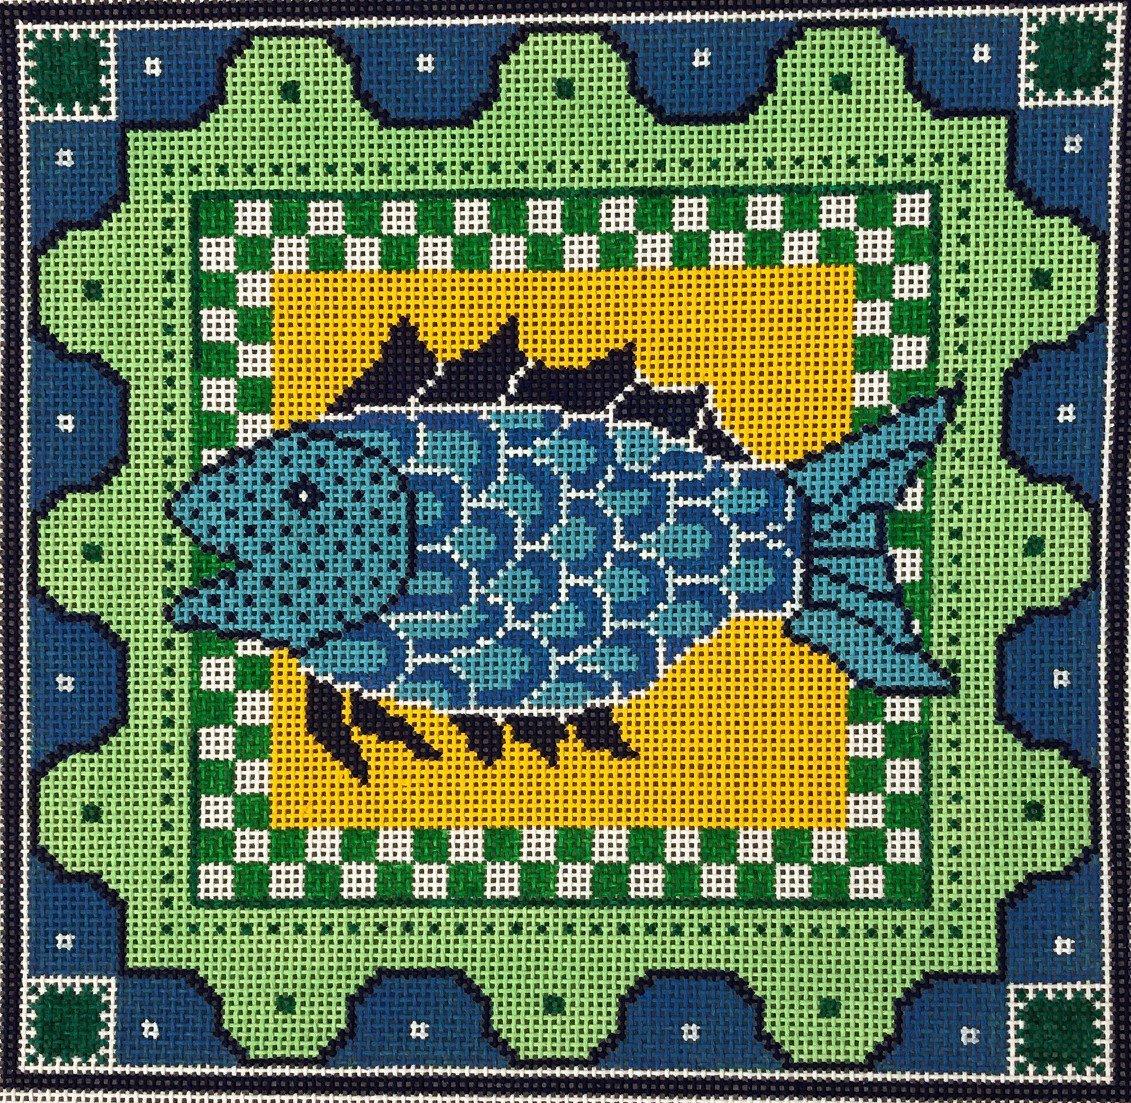 PC4003 - FISH